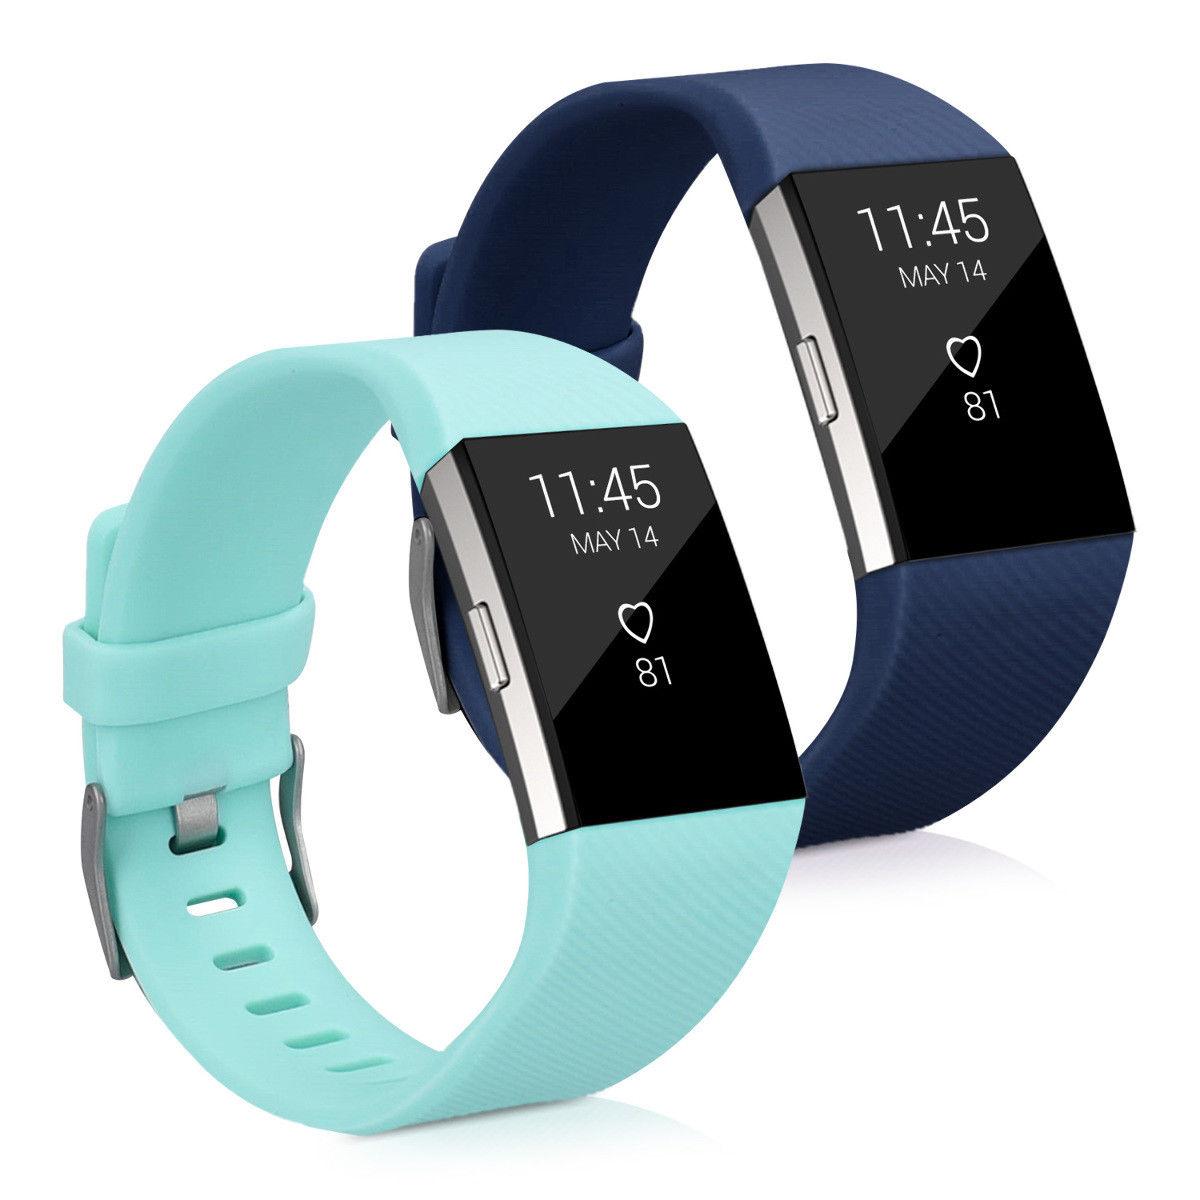 Náhradní řemínky pro Fitbit Charge 2 modré